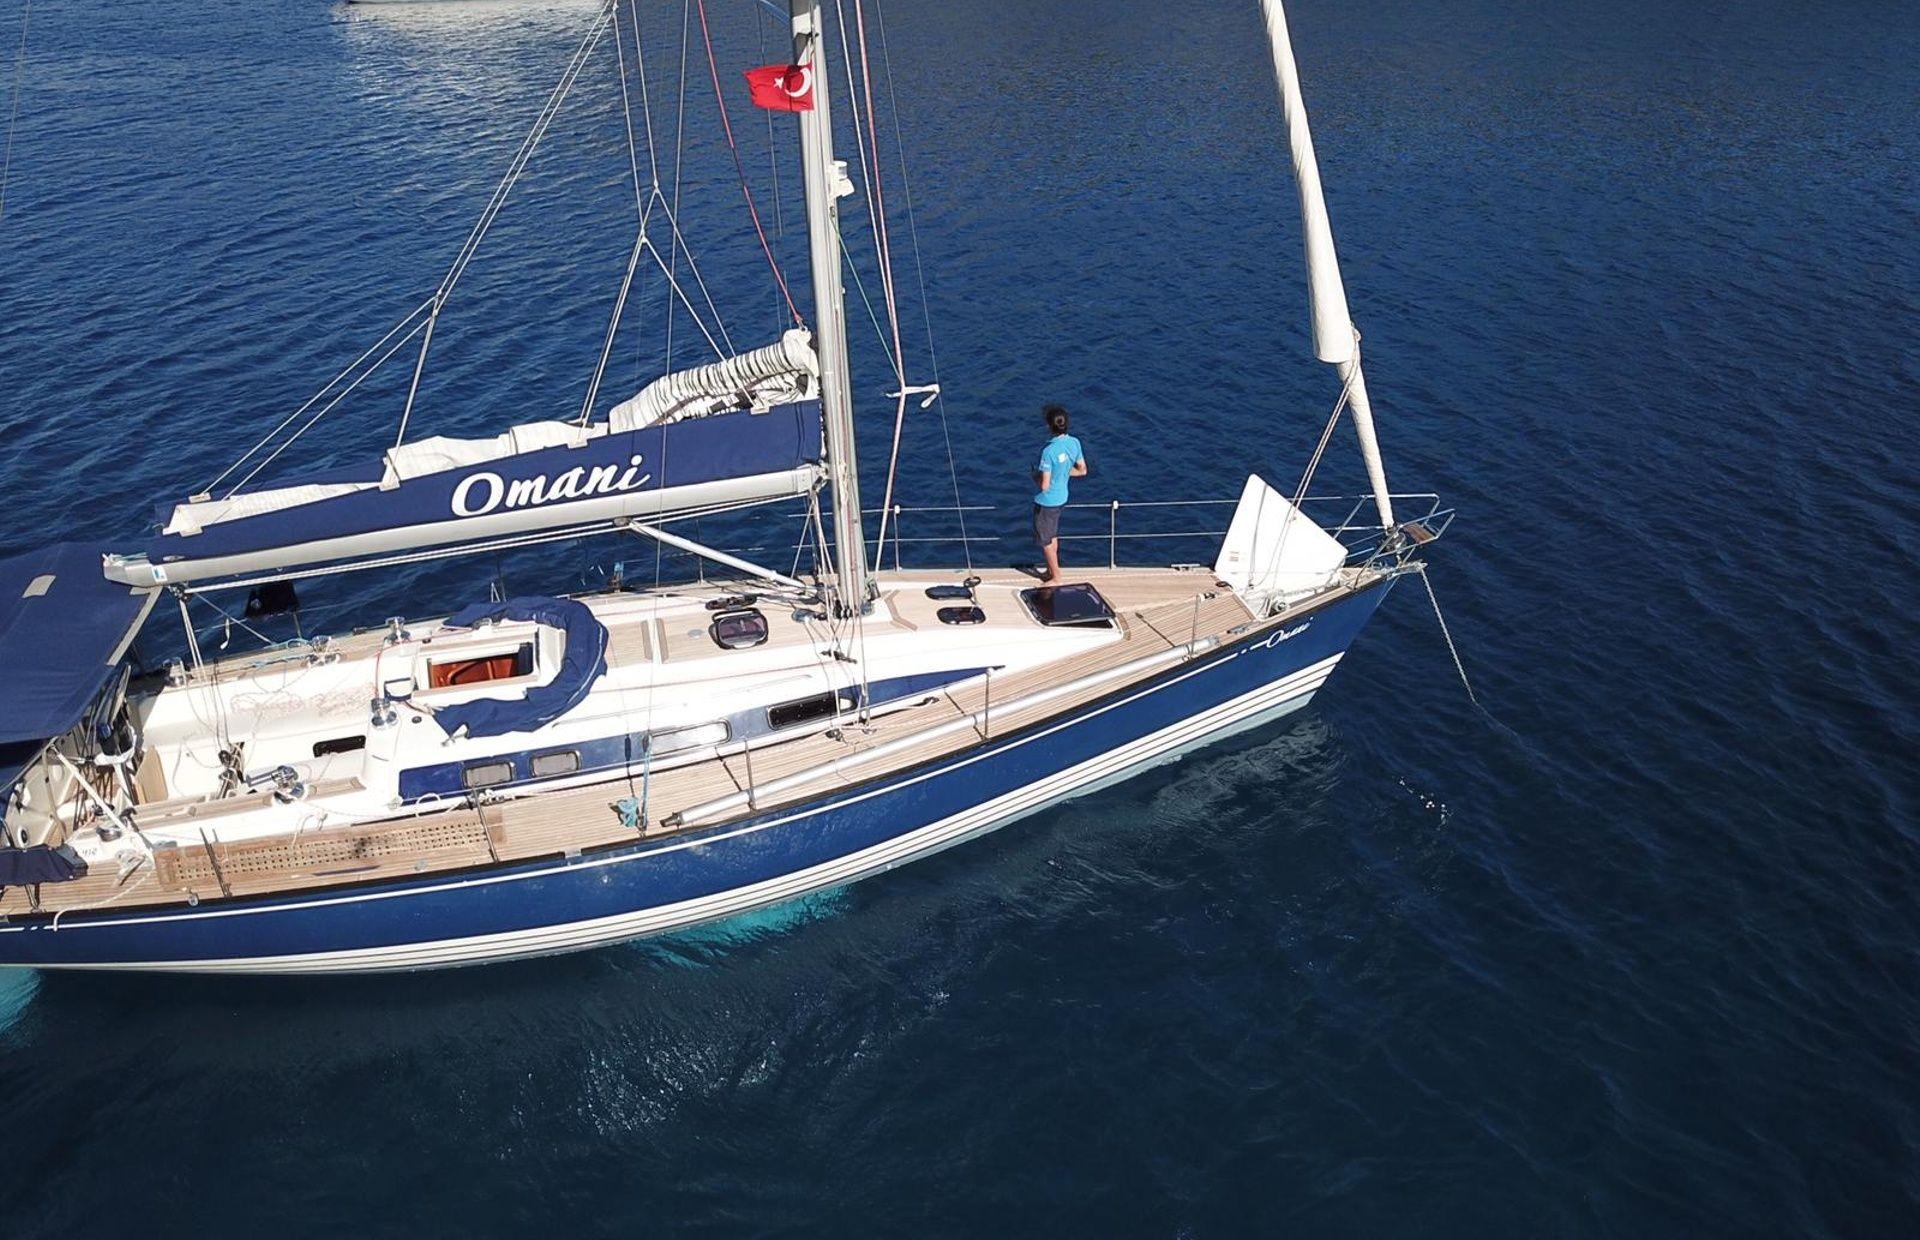 https://media.insailing.com/boat/omani/image_1581533173385.jpg